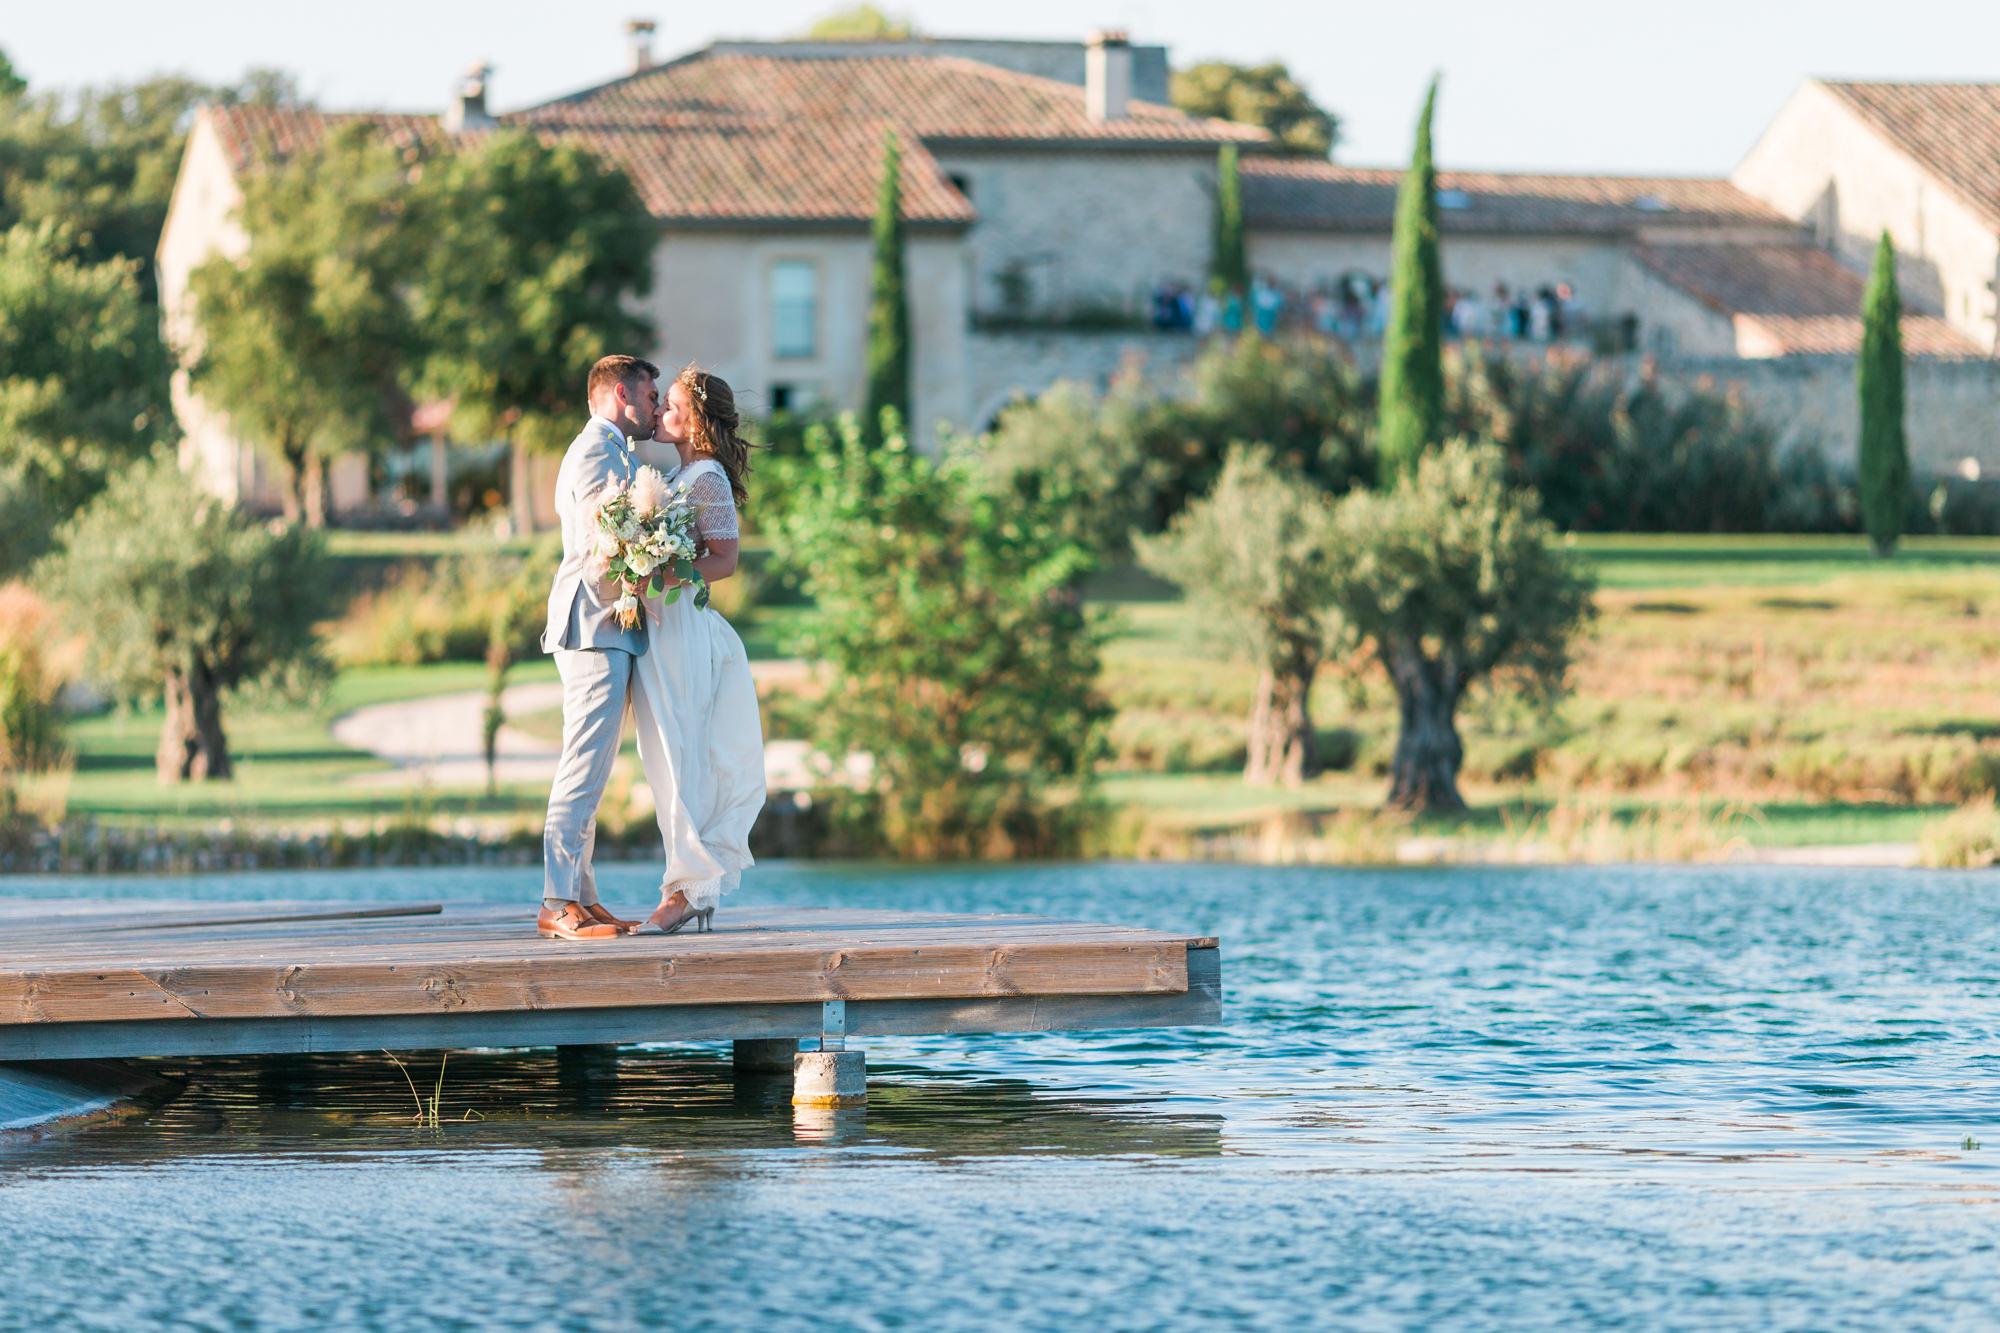 photographe-mariage-drome-provencale-domaine-patras